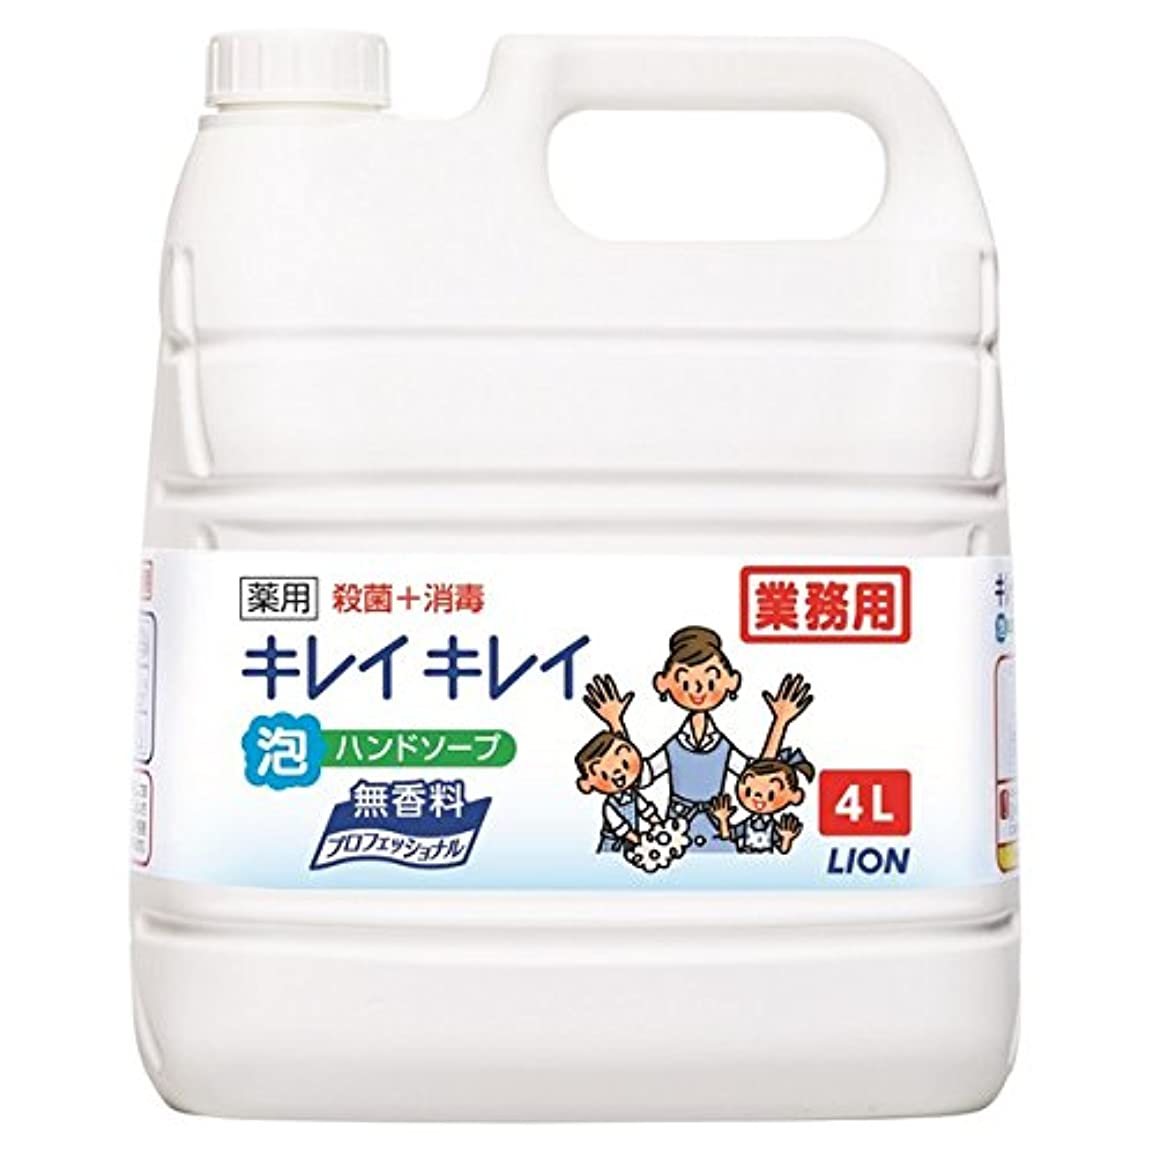 胚主観的不名誉なライオン キレイキレイ薬用泡ハンドソープ 無香料 4L×3本入